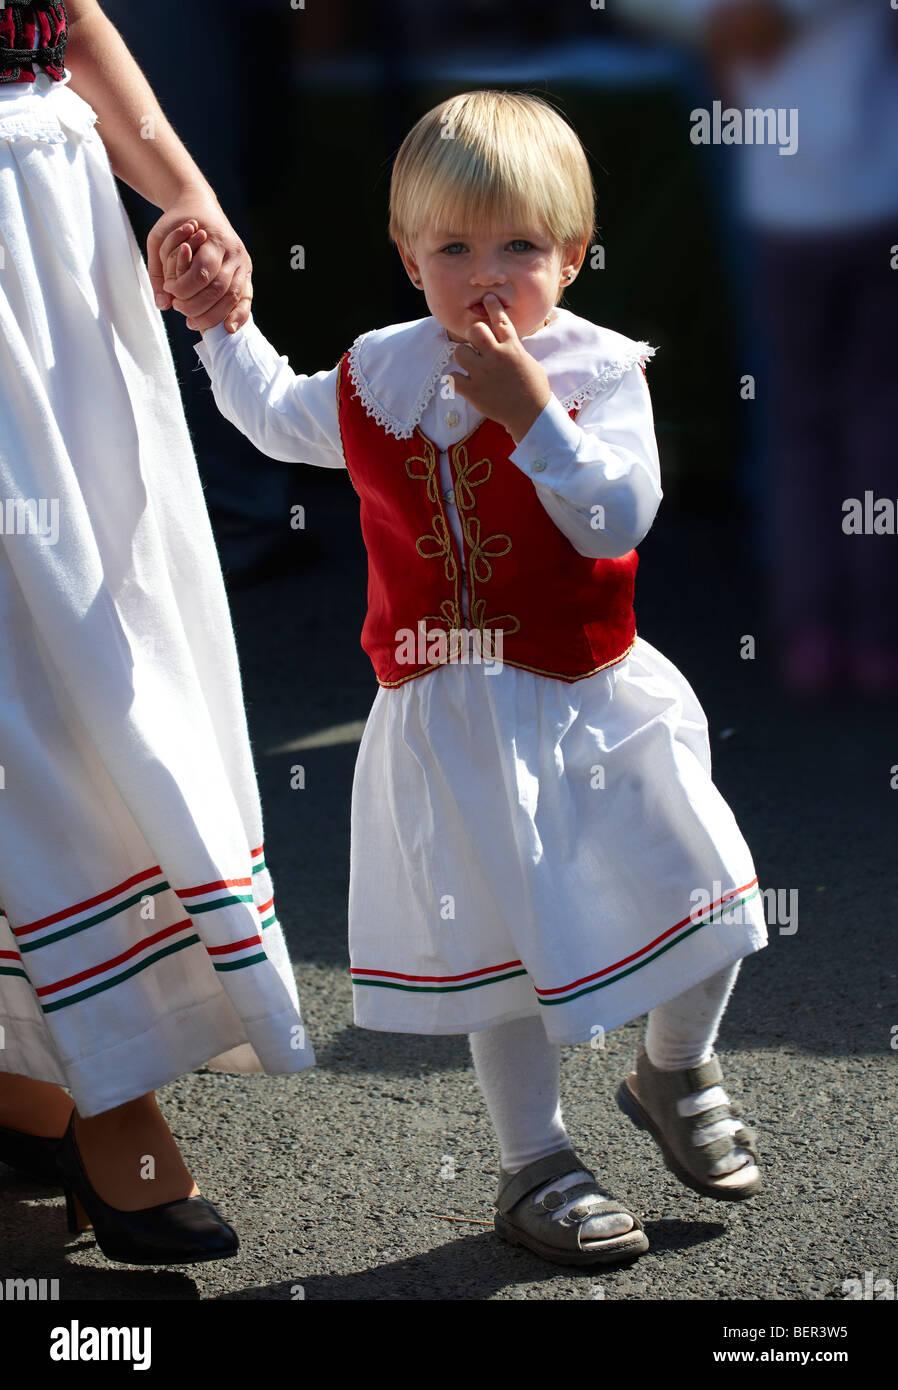 Junges Mädchen in Tracht - Ungarn Stockbild